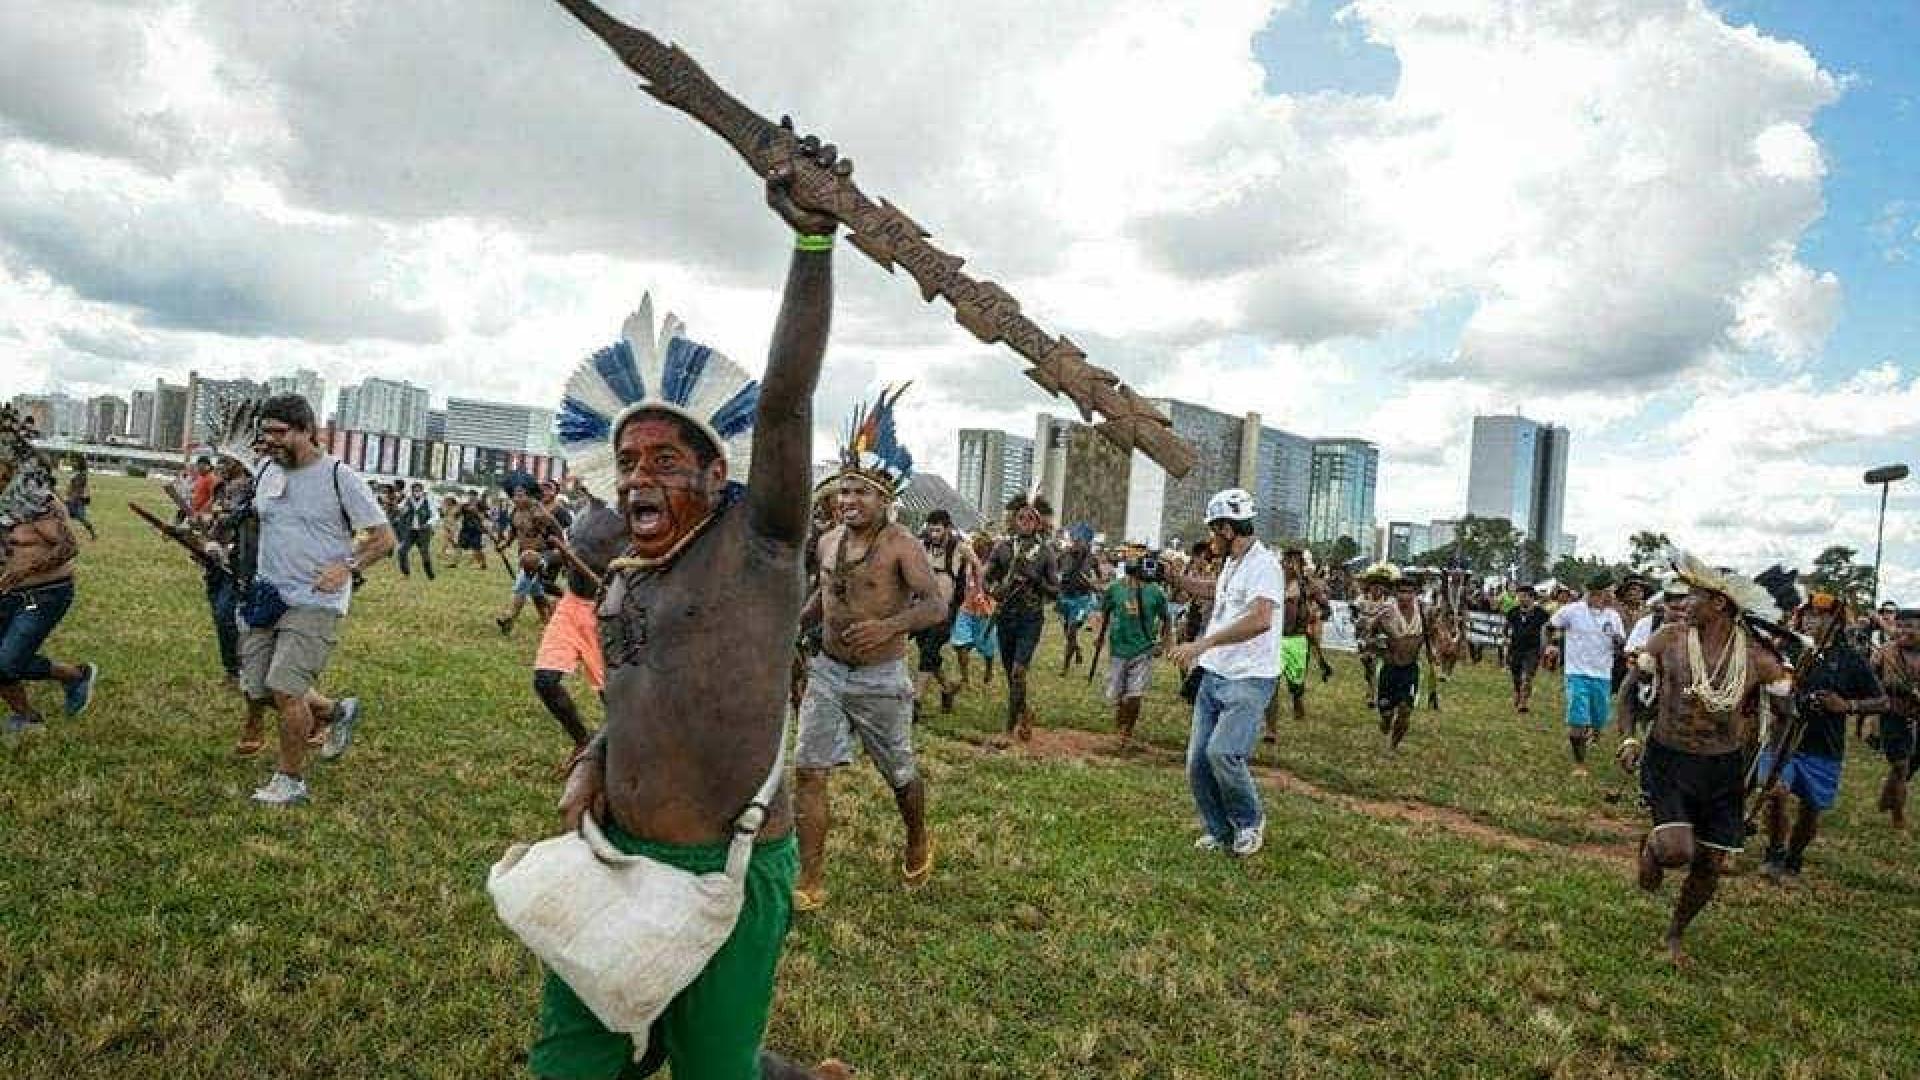 Índios fecham Esplanada em ato por demarcação e PM reage com violência